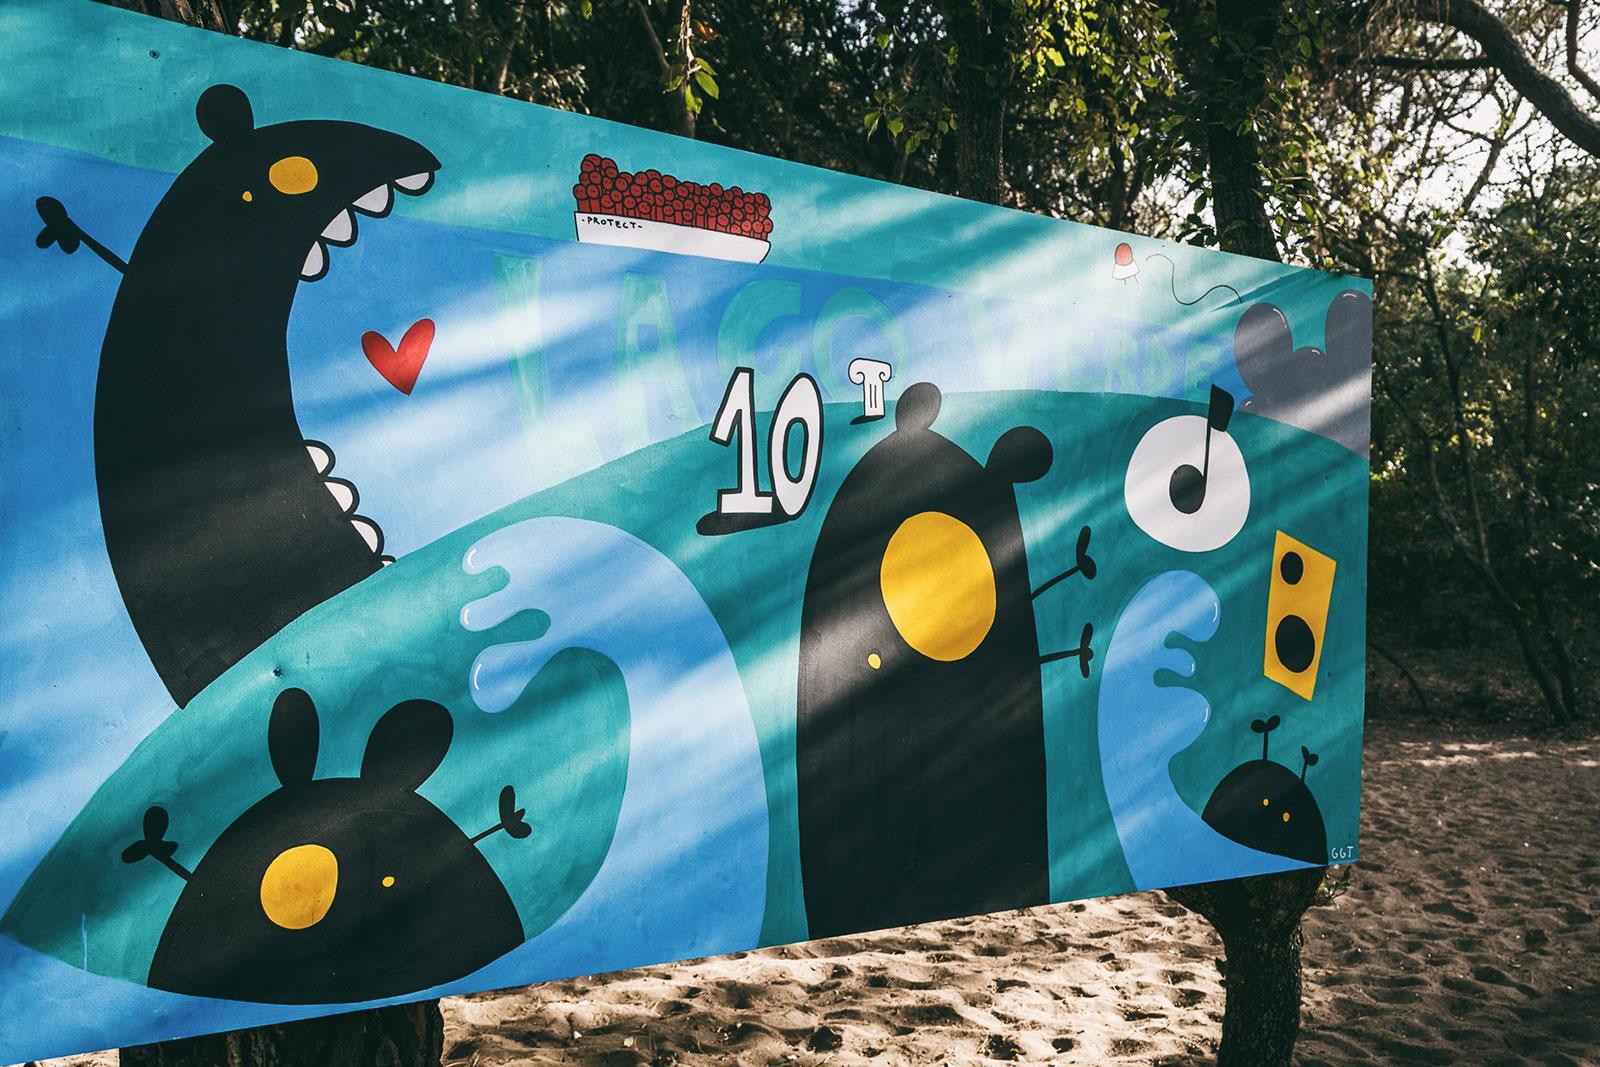 lago verde street art